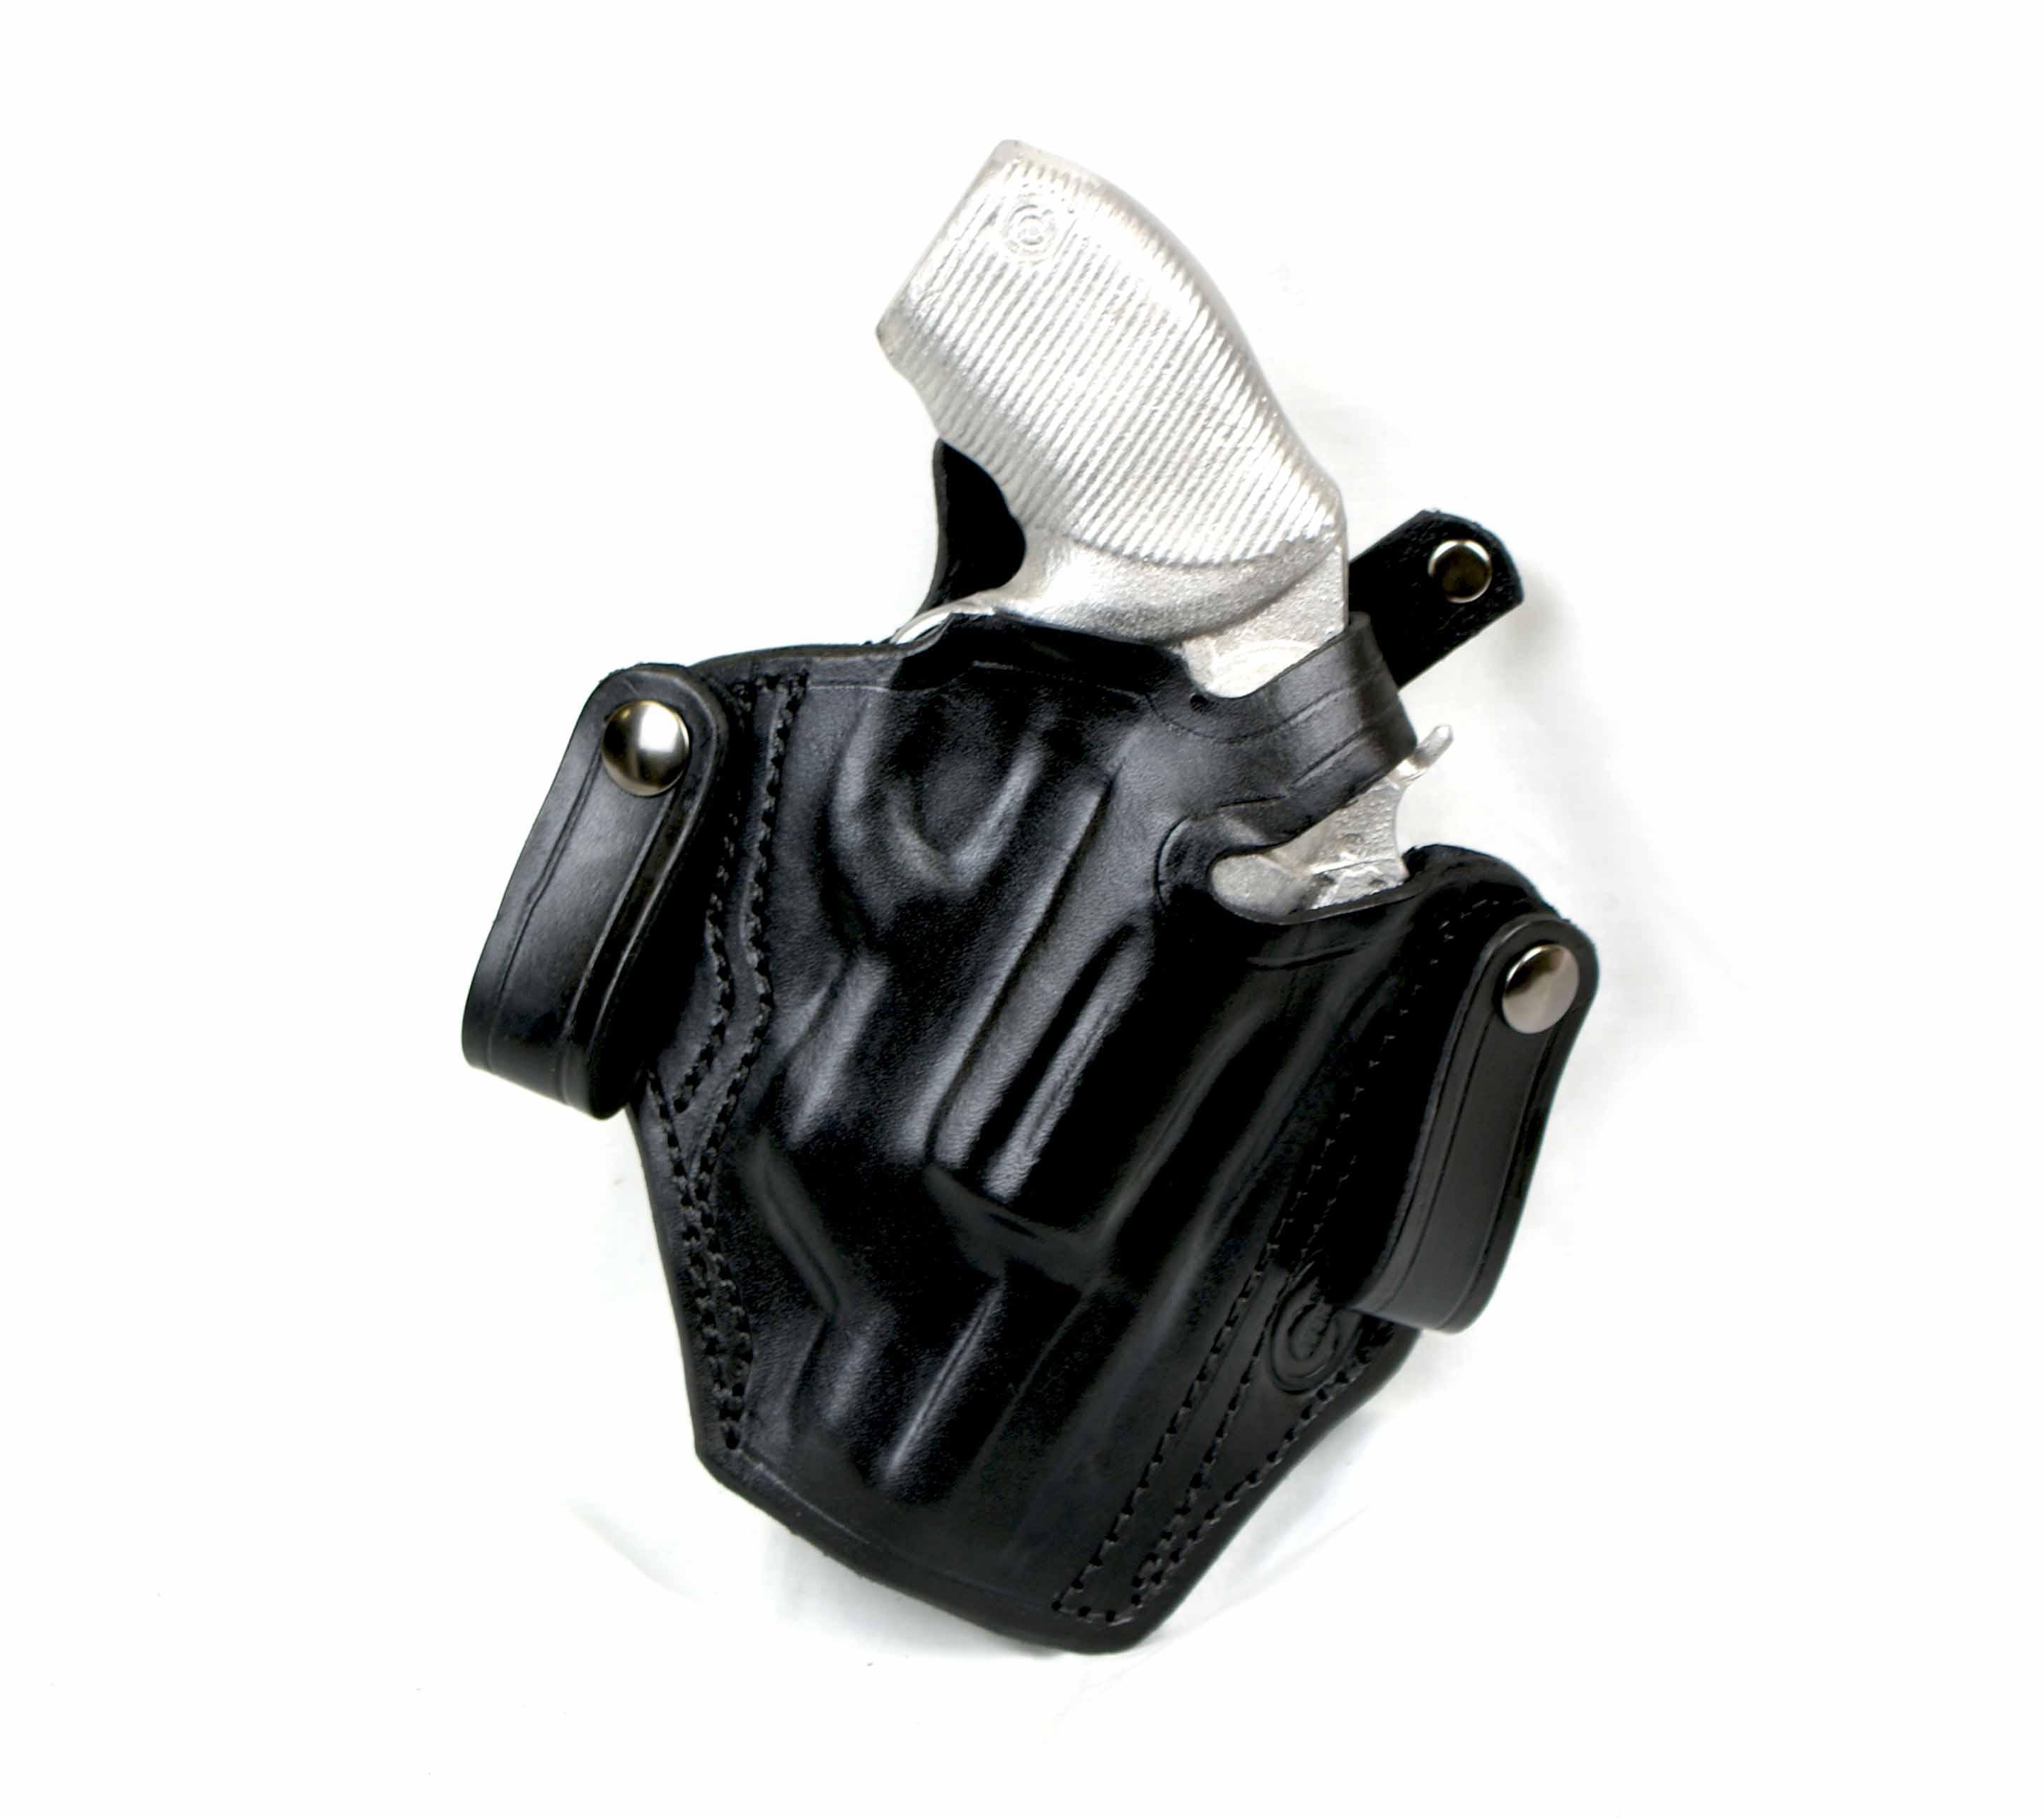 Taurus judge handgun on Shoppinder